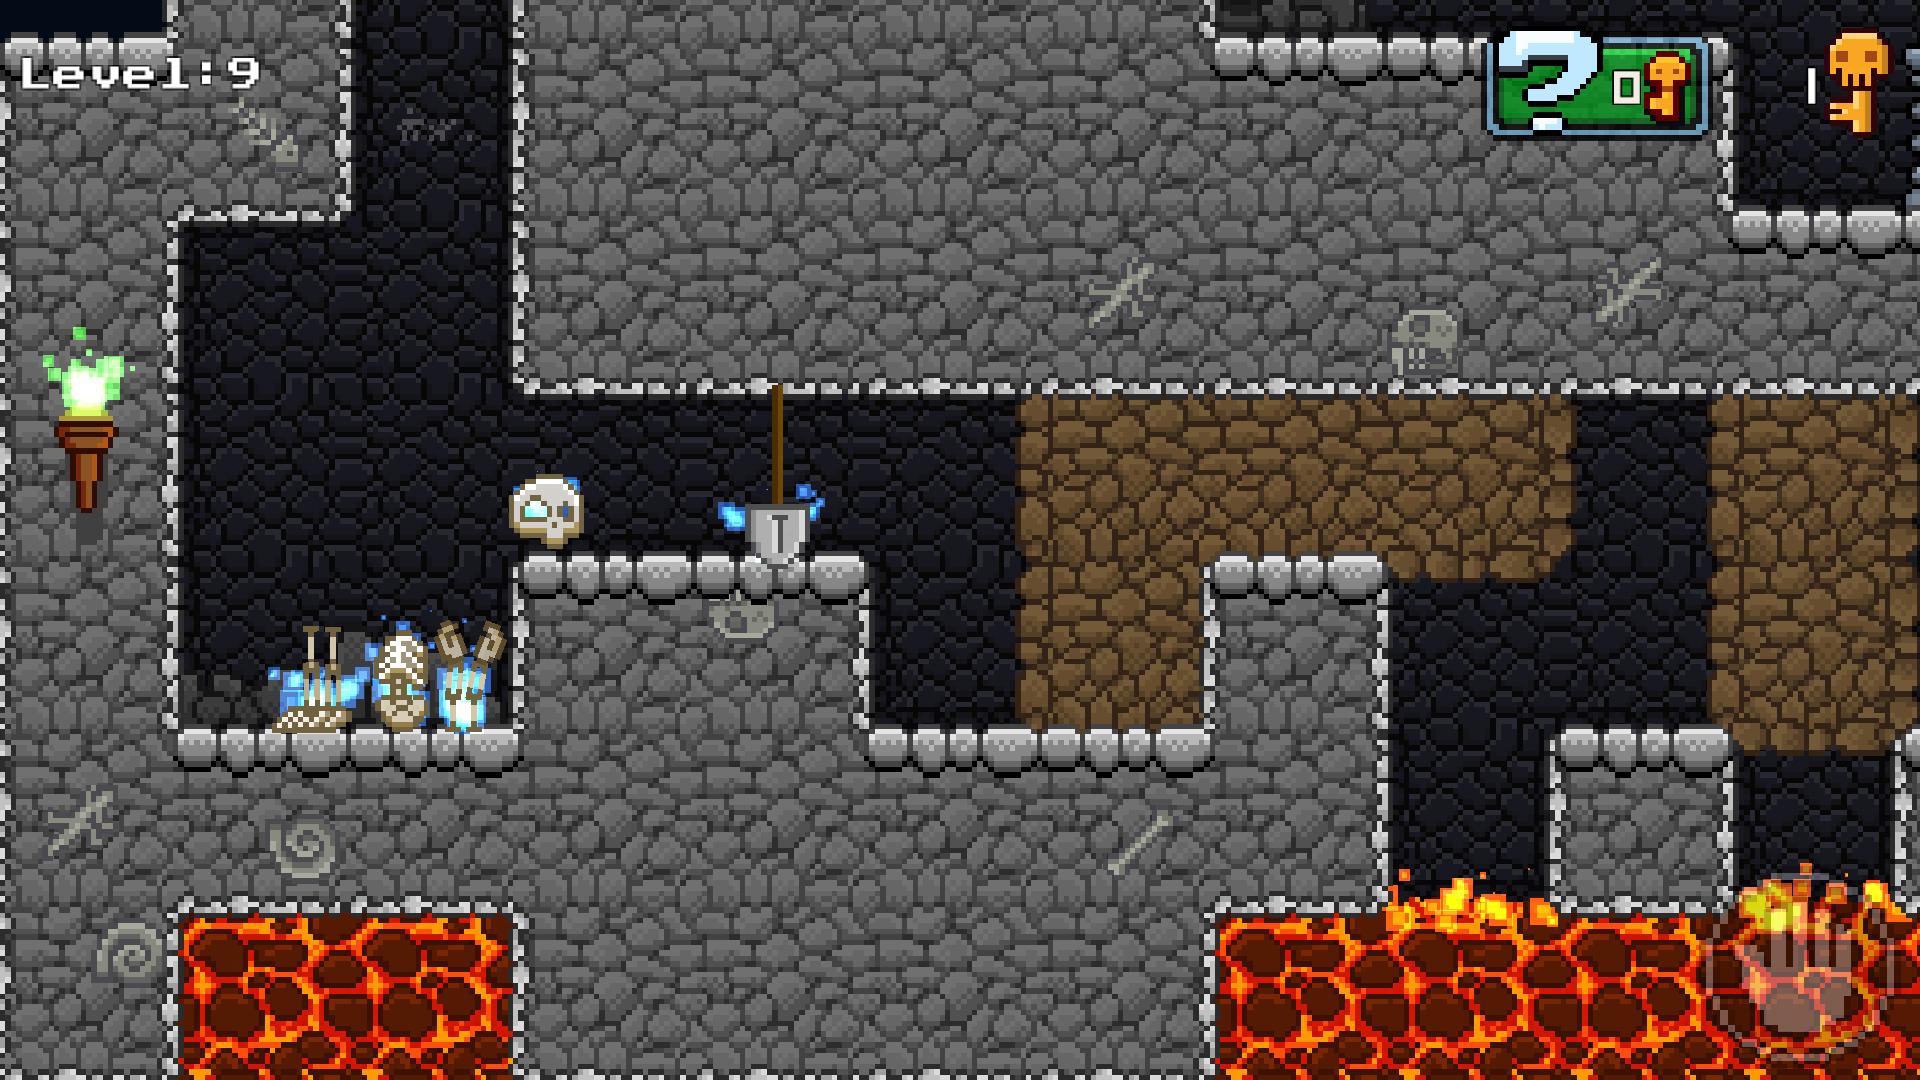 Собирая кости: в Steam вышел интересный харкдор-плафтормер Just Bones  - Изображение 2